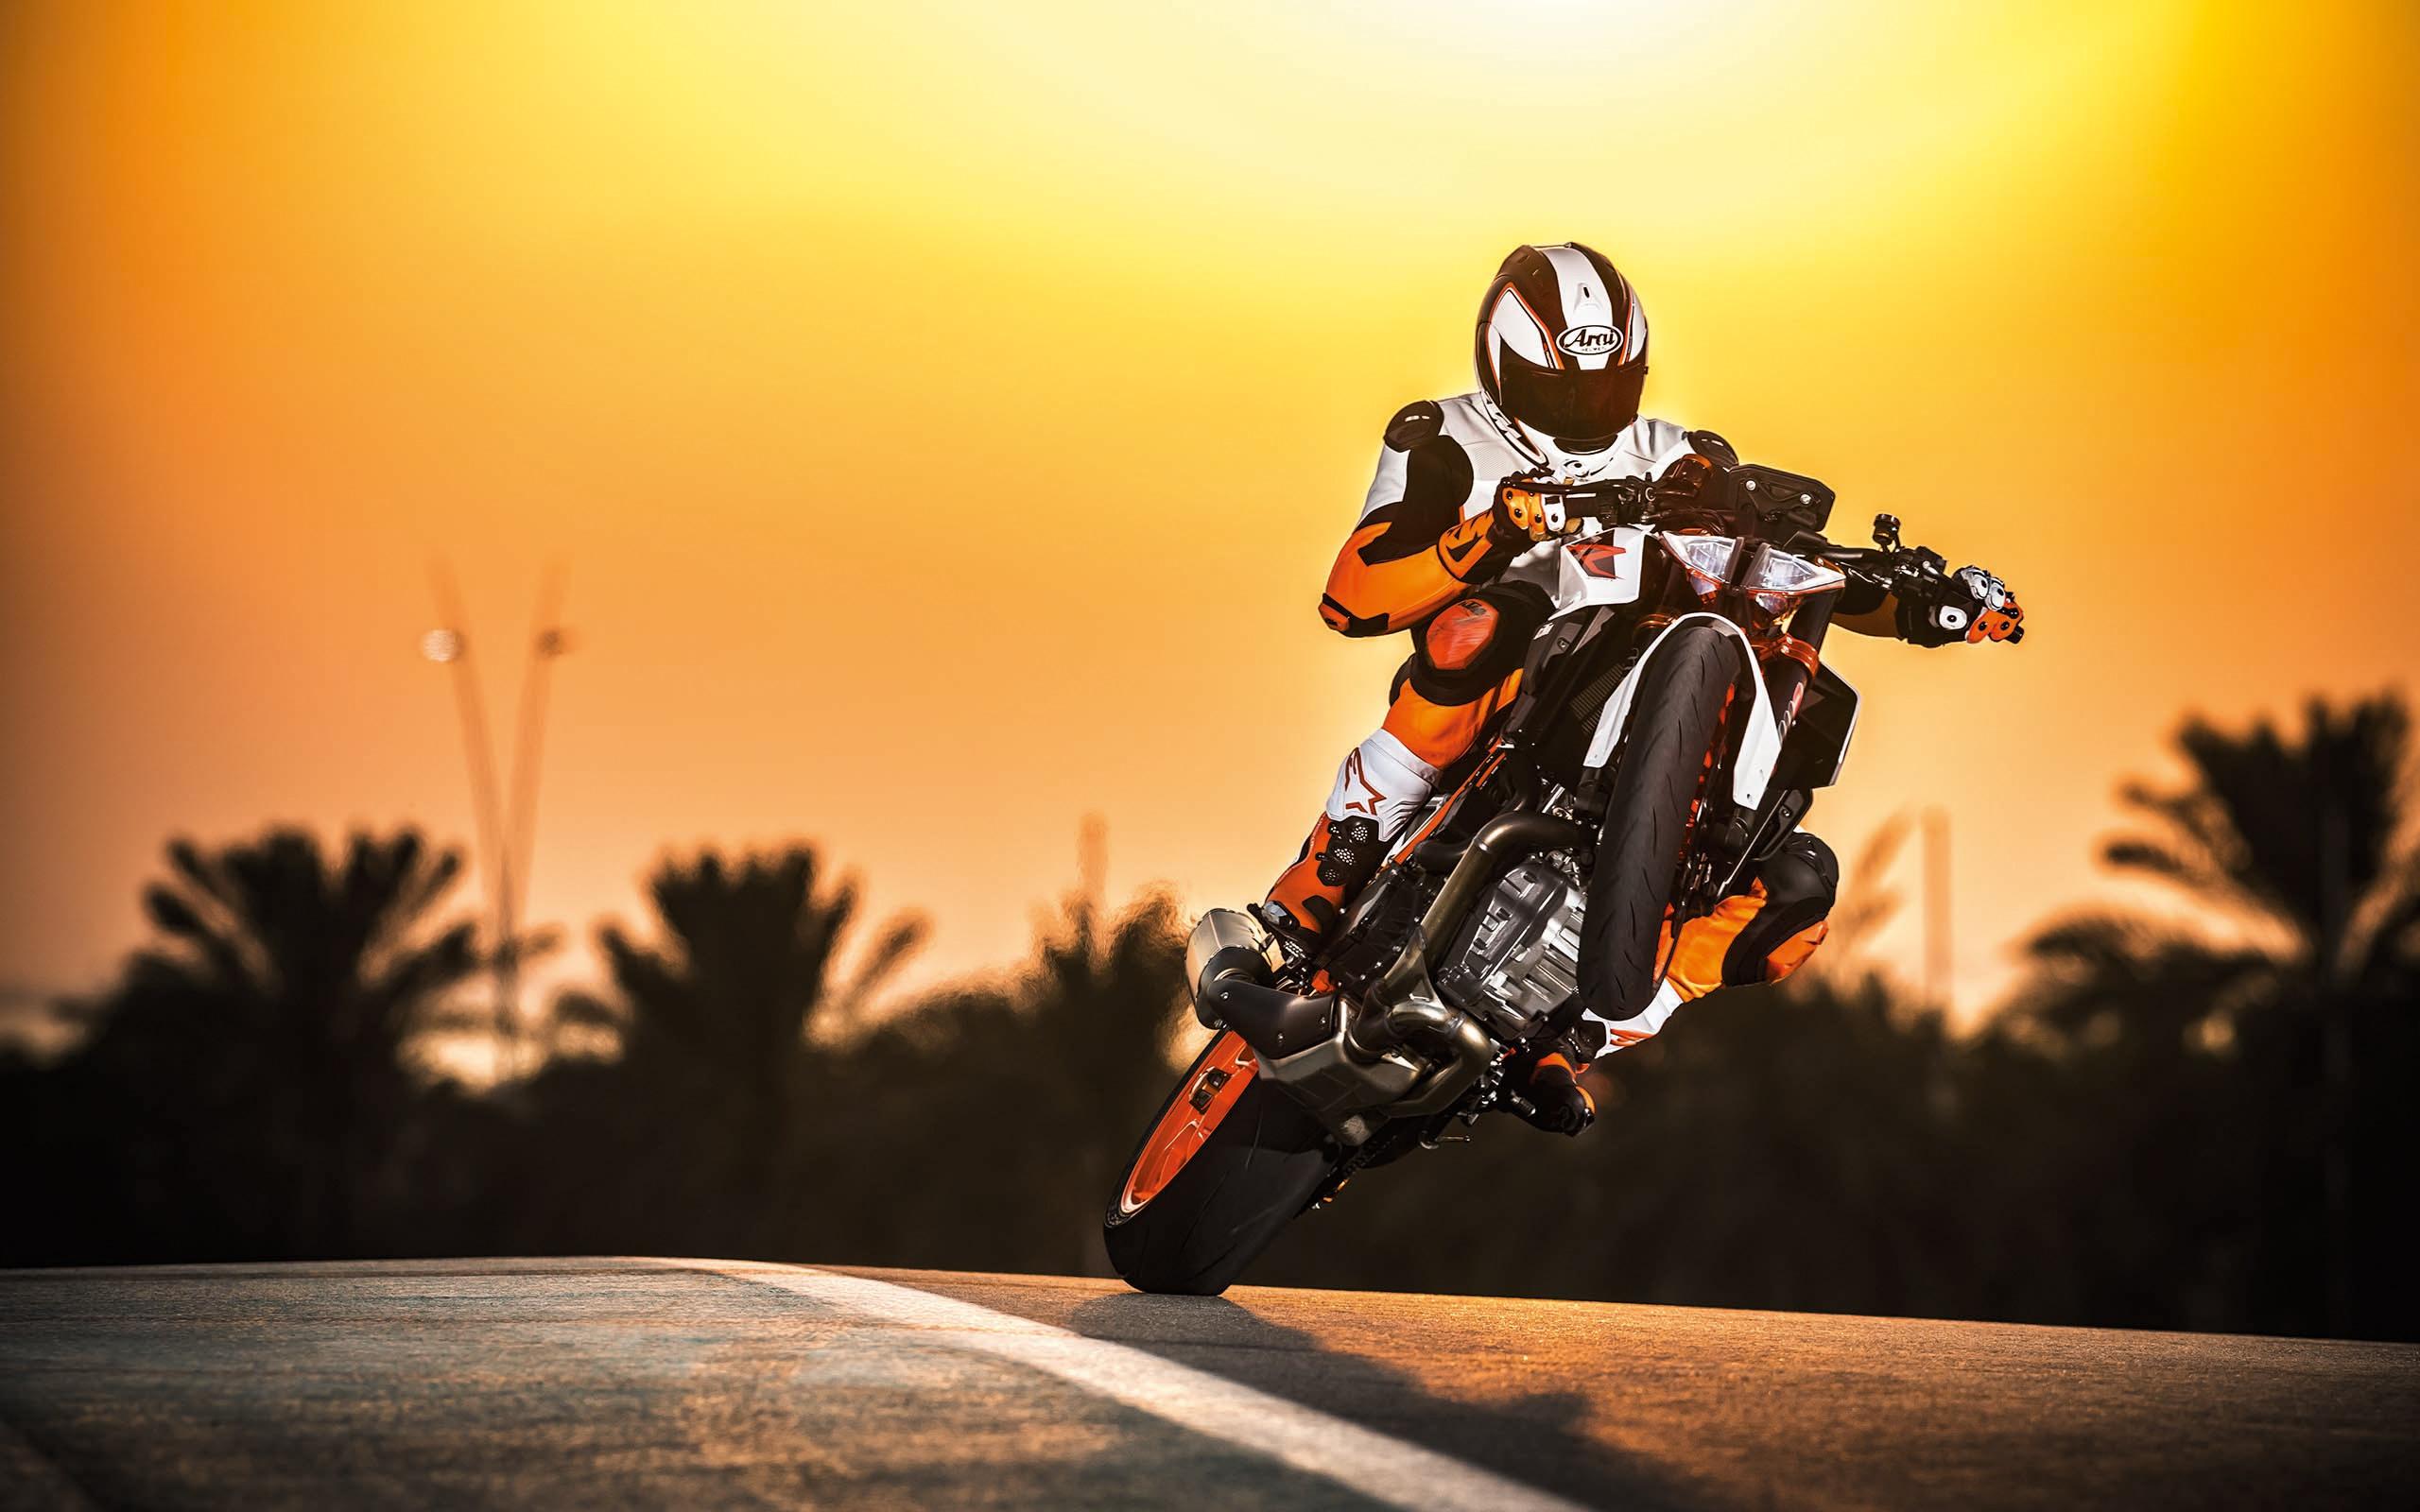 Wallpaper 4k 2017 Ktm 1290 Super Duke R Stunt 1290 2017 Duke Ktm